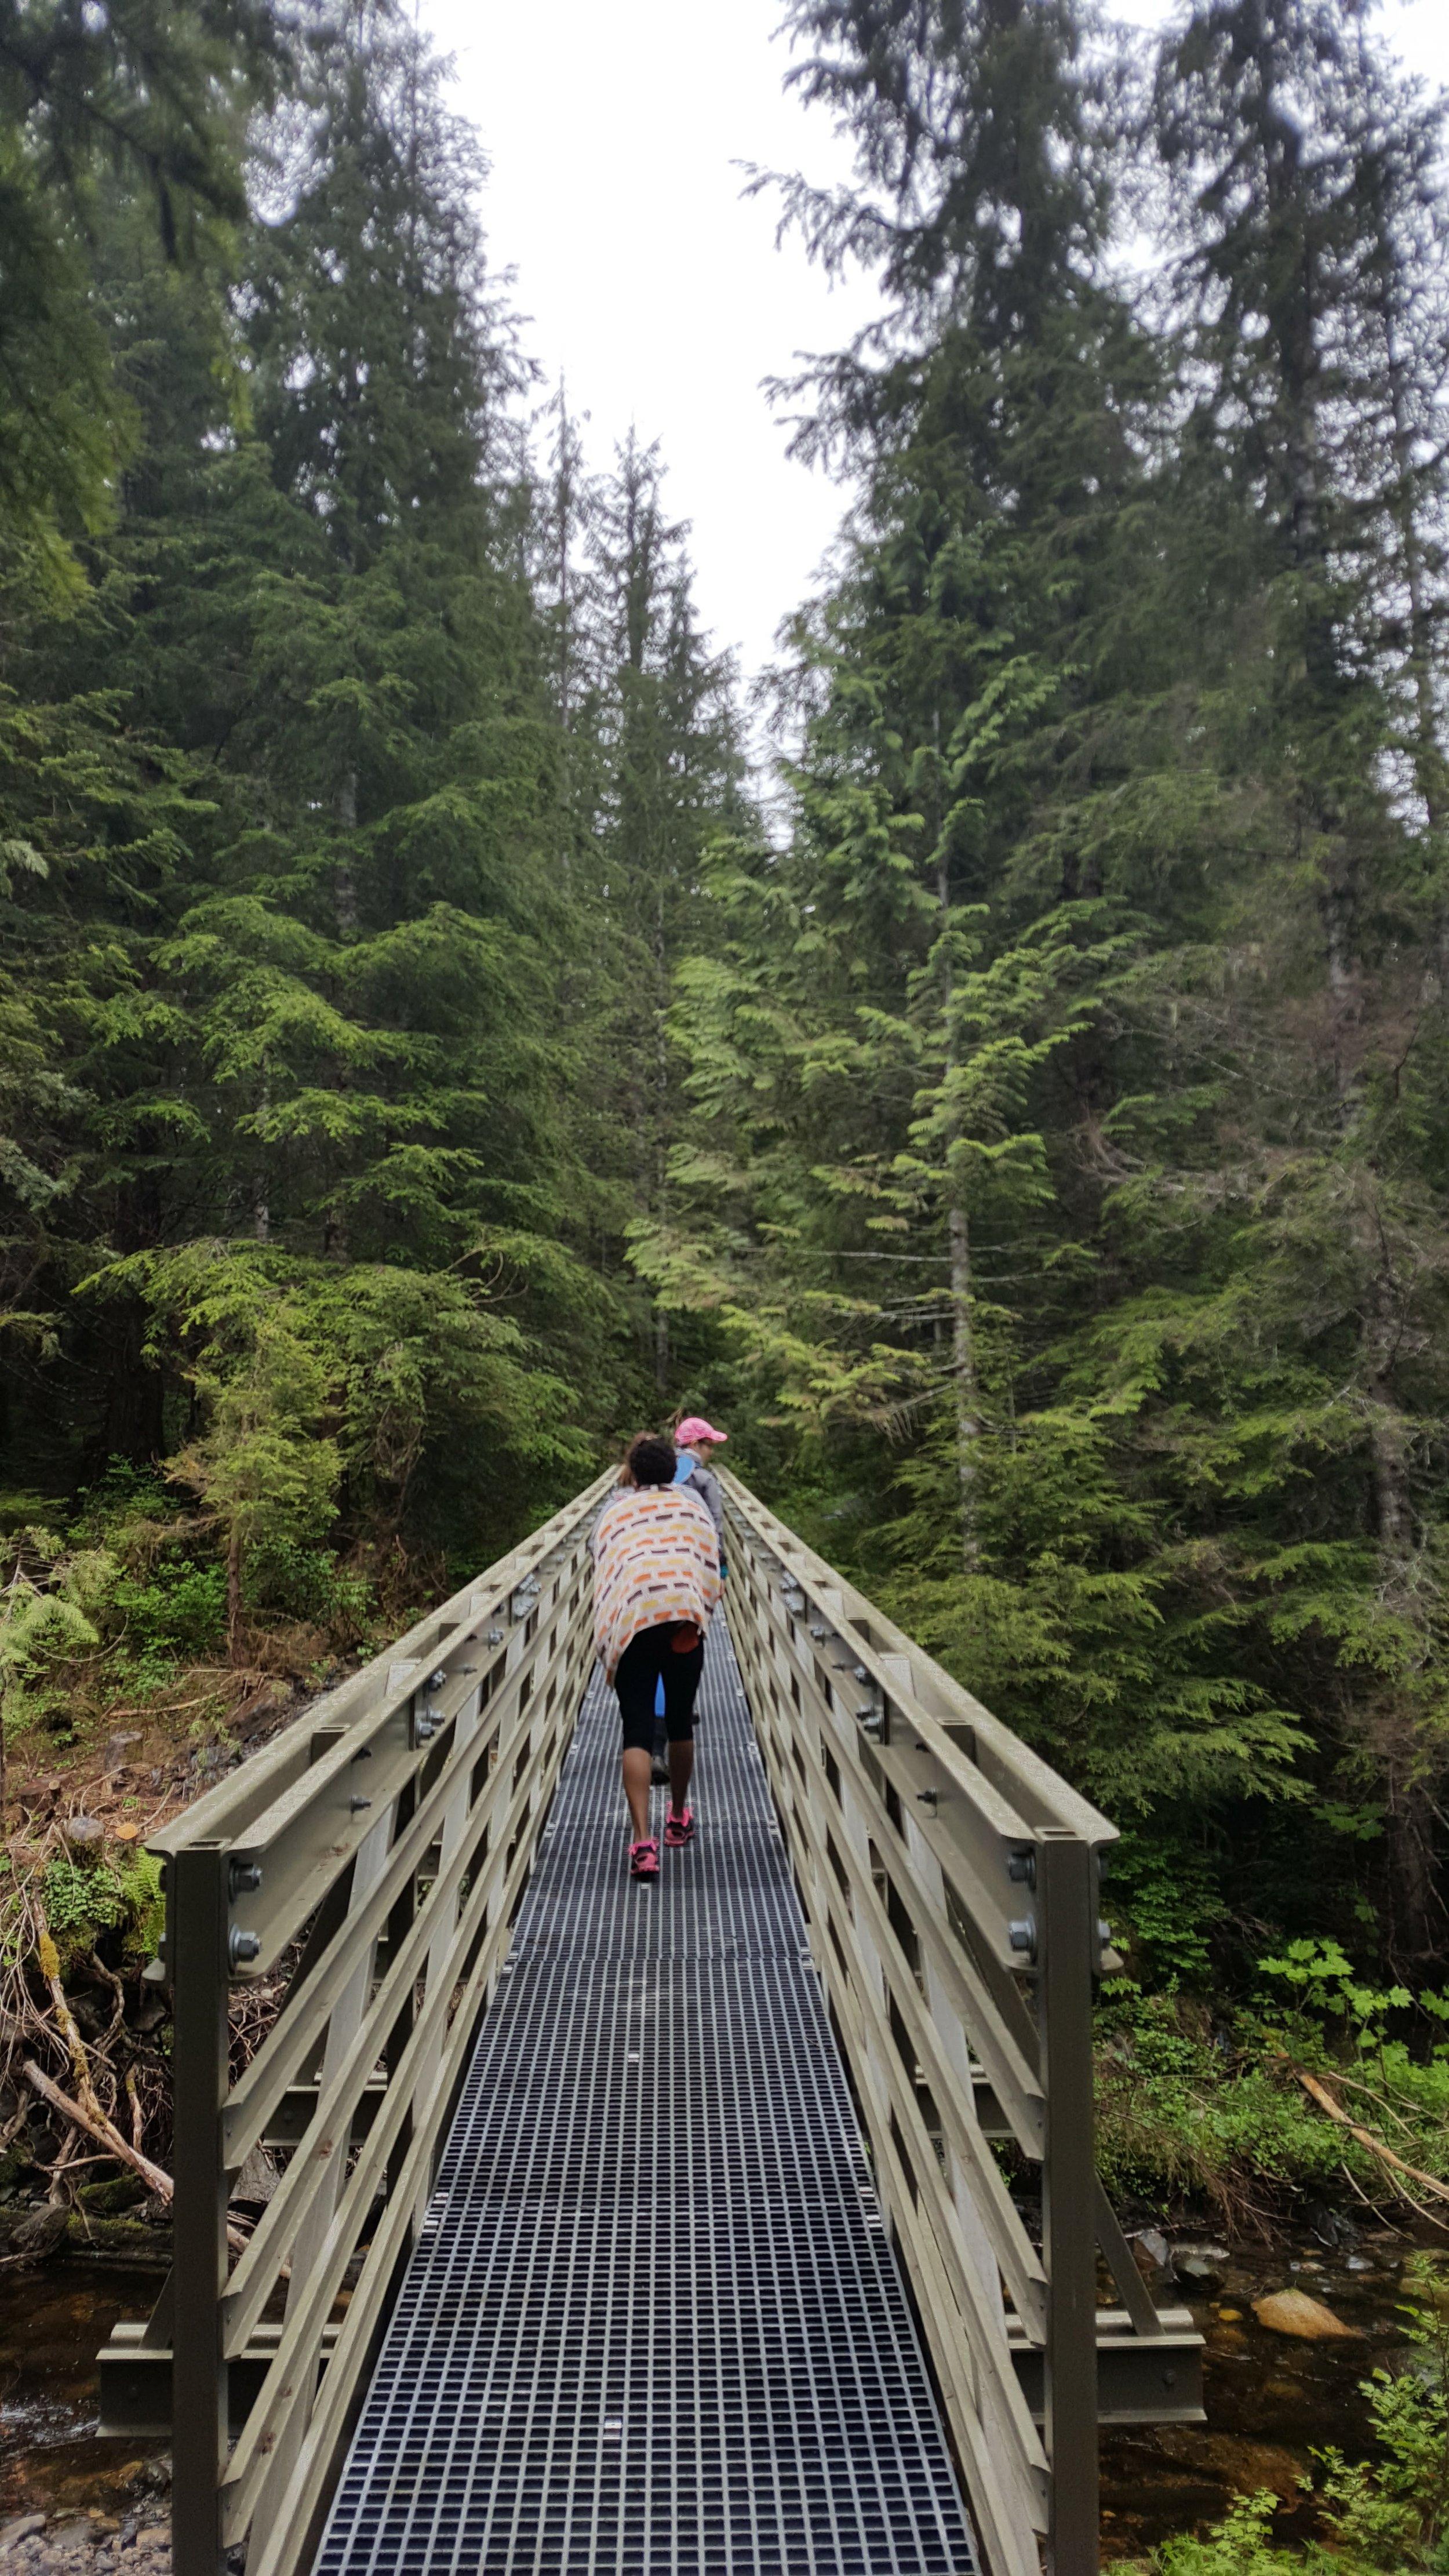 ashland trail.jpg